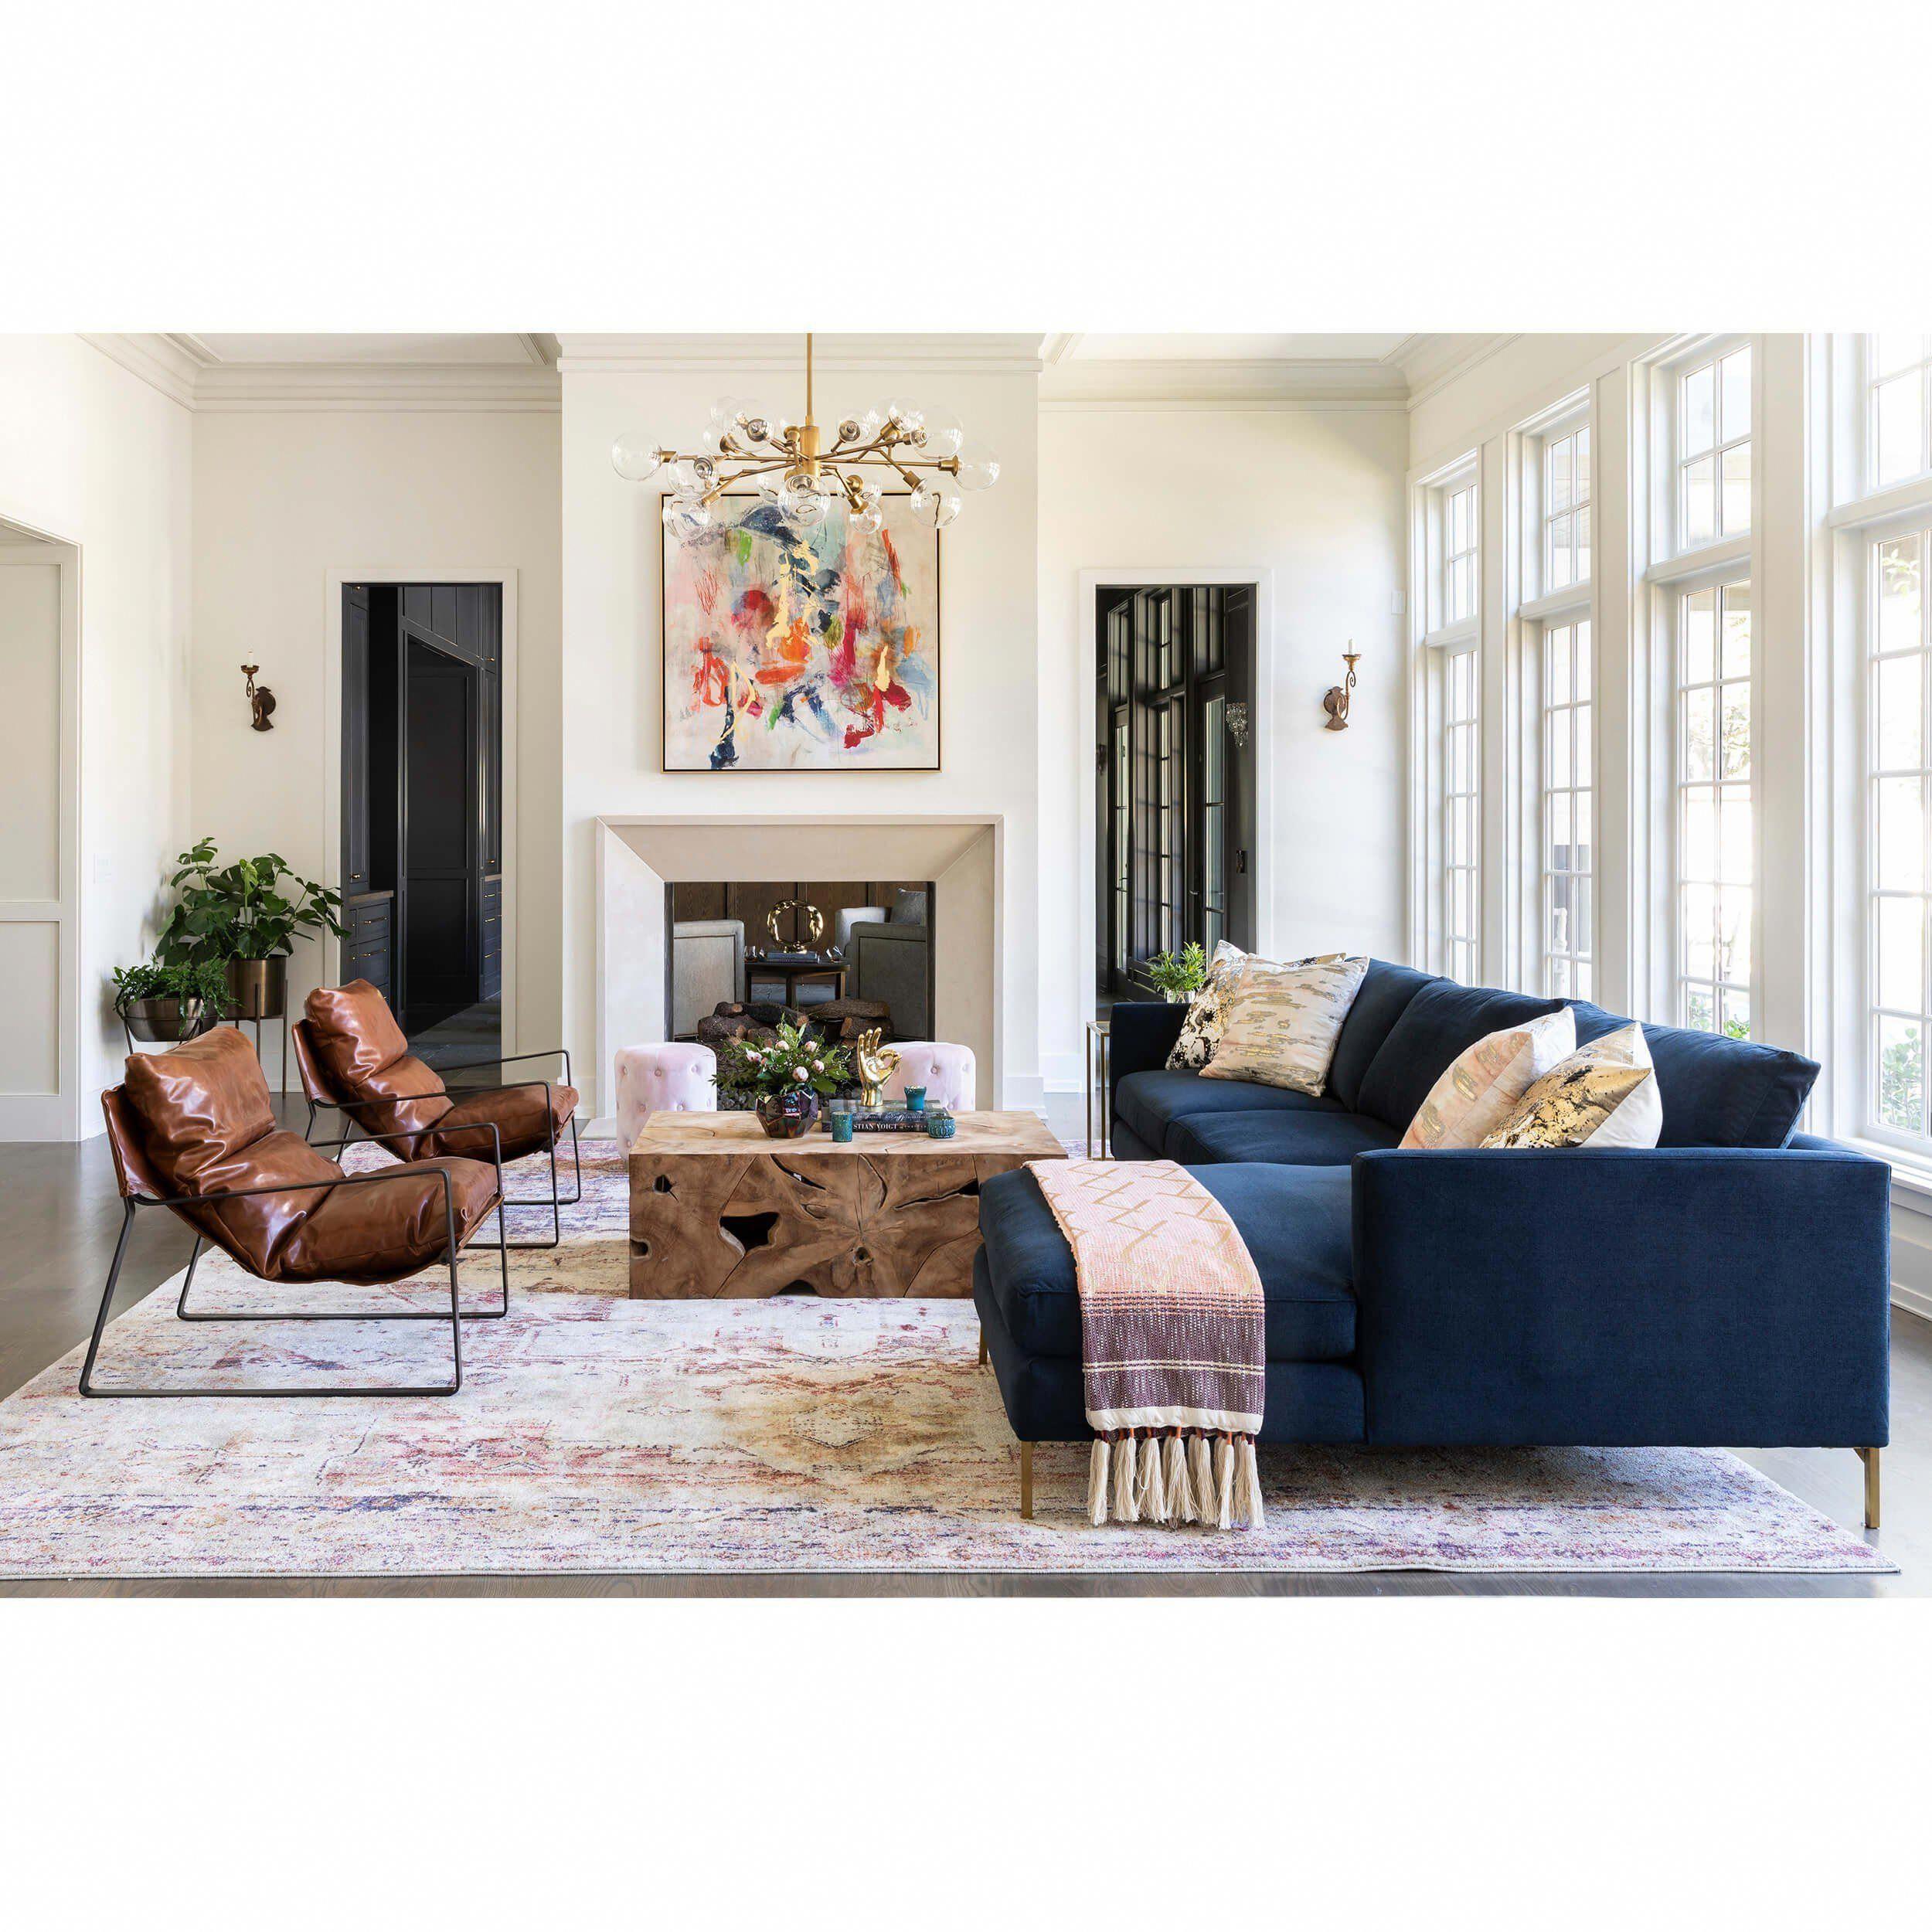 Furniture Donation Pick Up Denver Furnitureshippingestimate